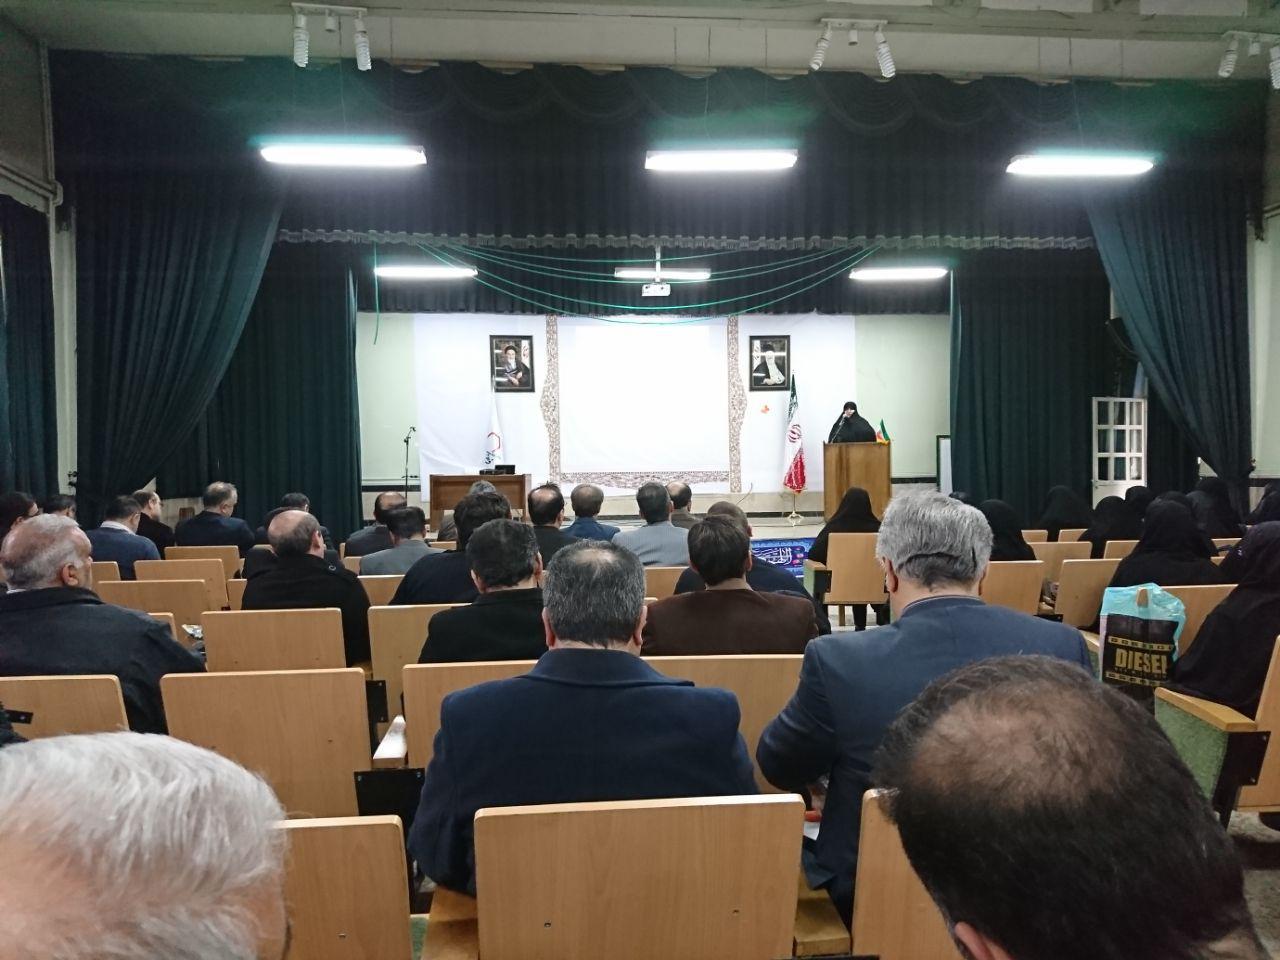 مدیریت دبیرستان شهدای صنف گردبافان در جلسه ارزیابی و عملکرد منطقه شرکت کردند.